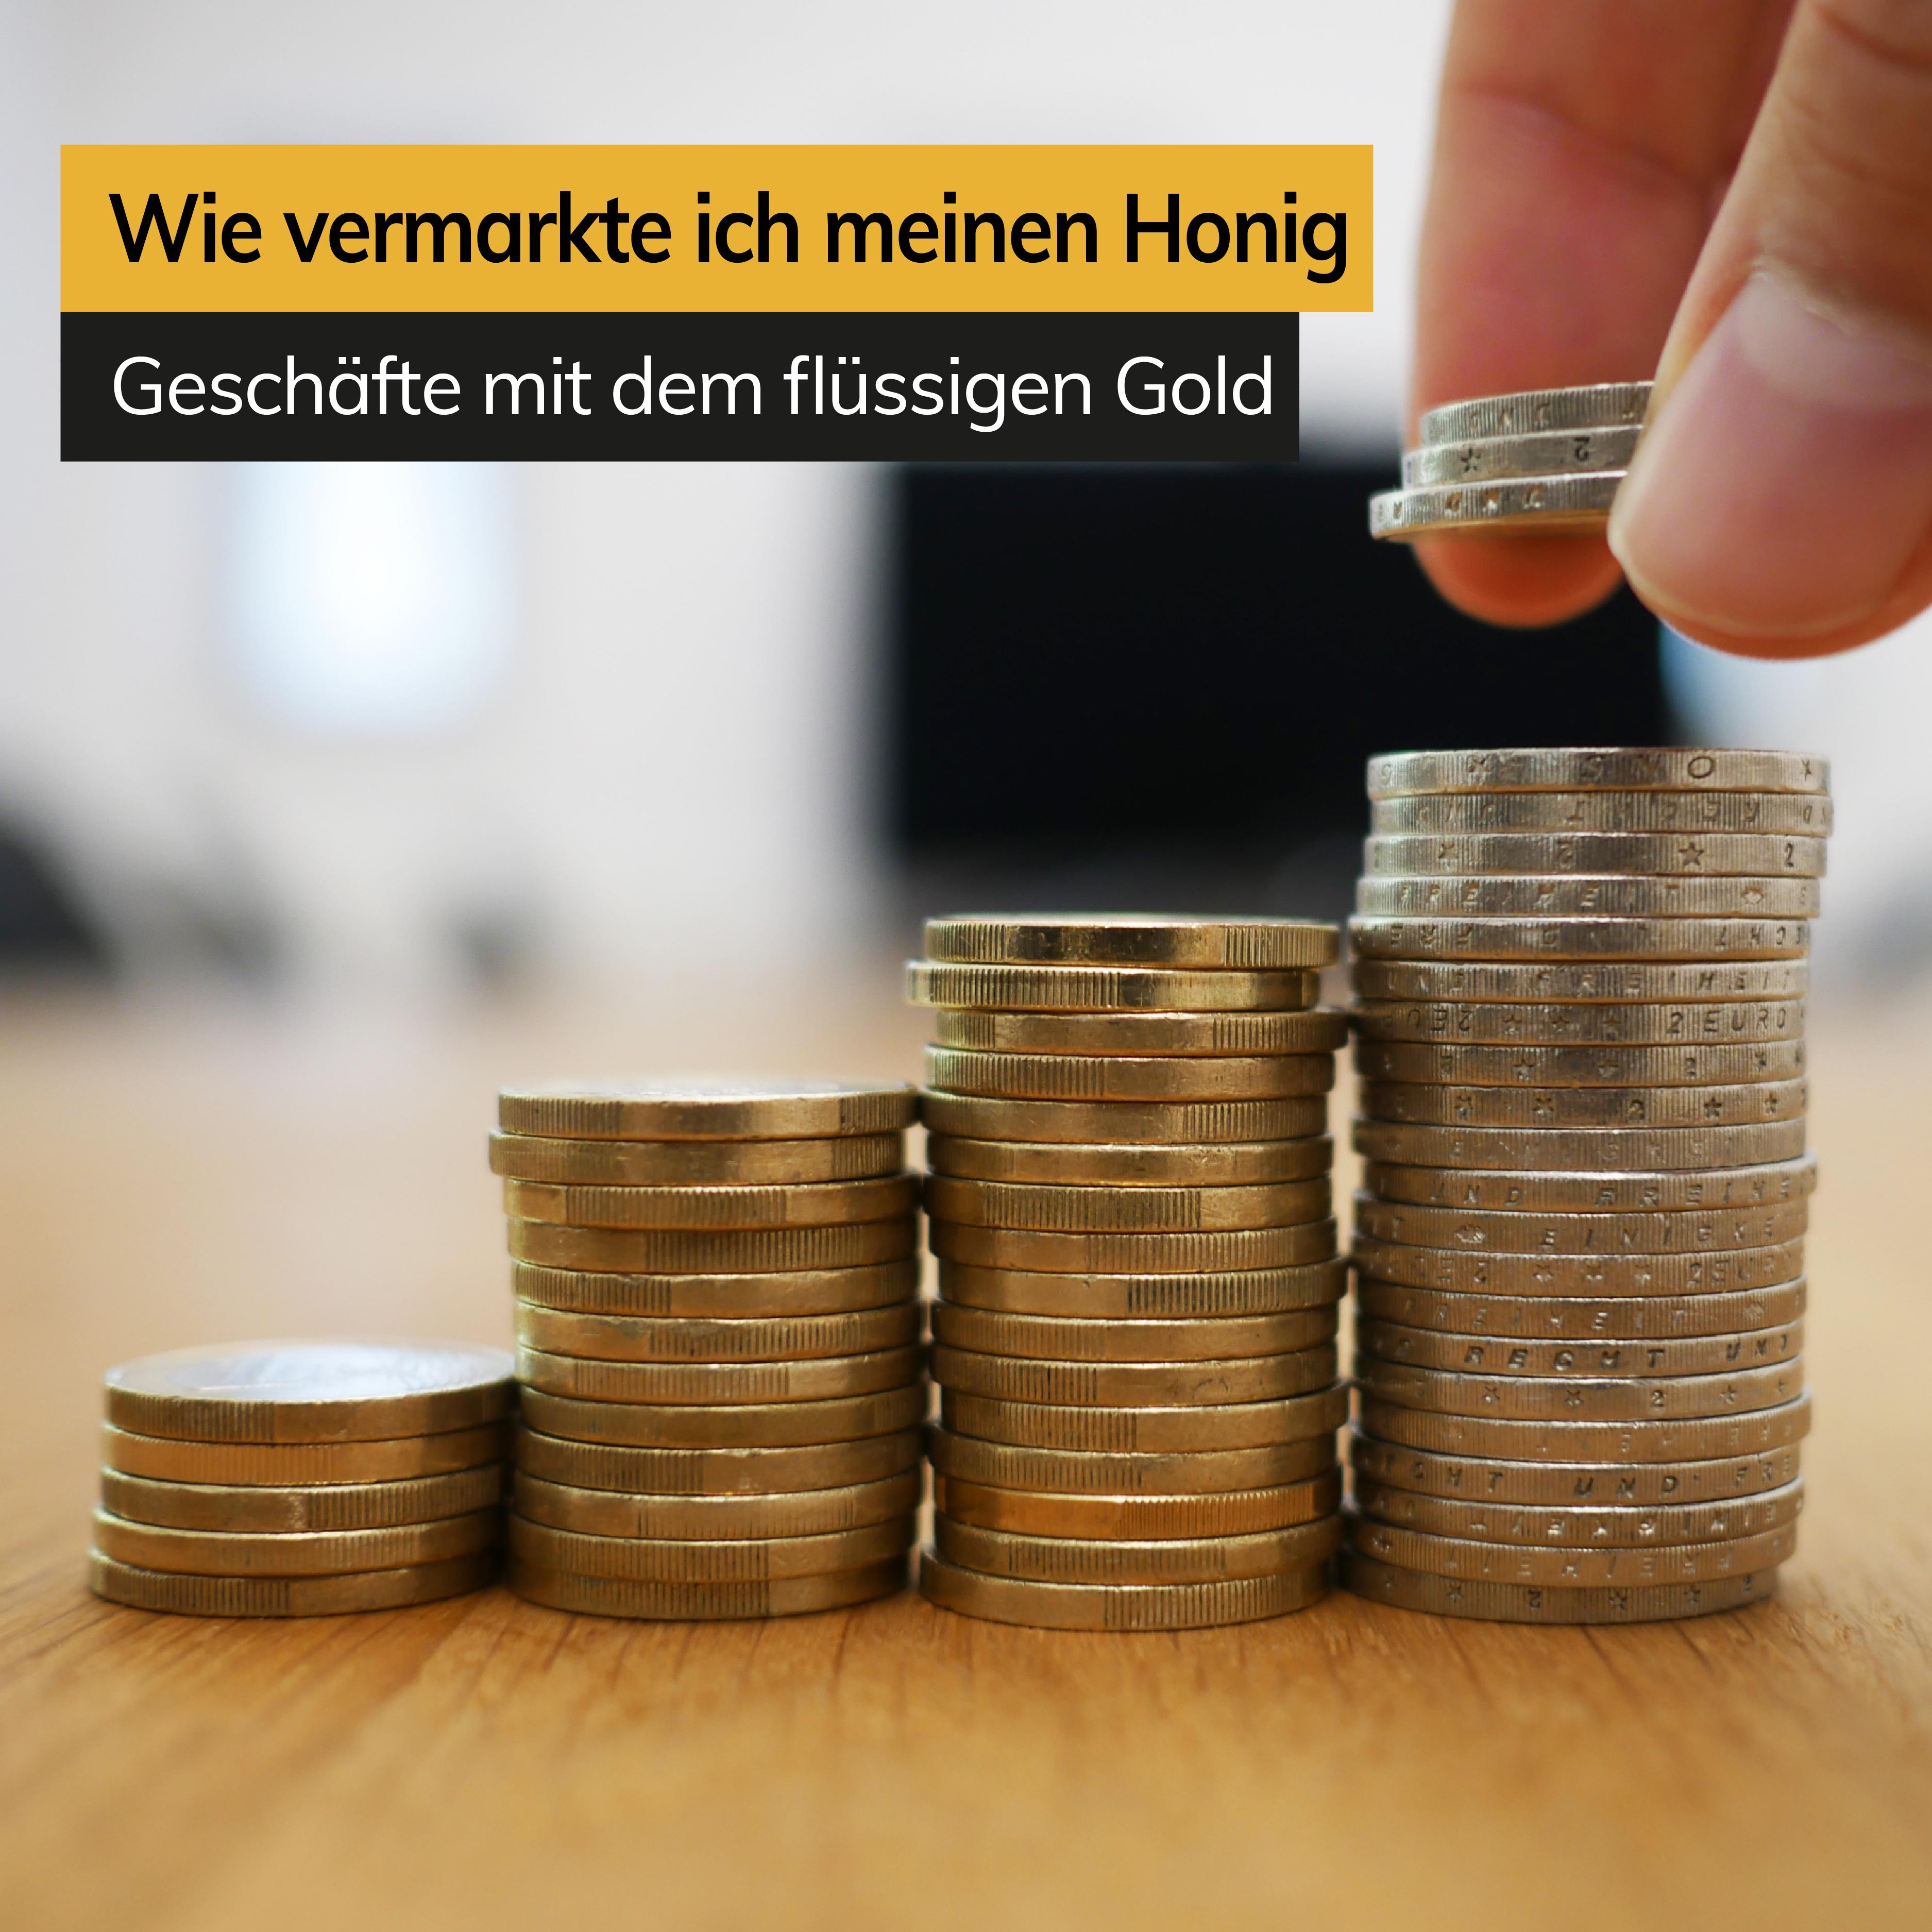 Das Geschäft mit dem flüssigen Gold – wie vermarkte ich meinen Honig?